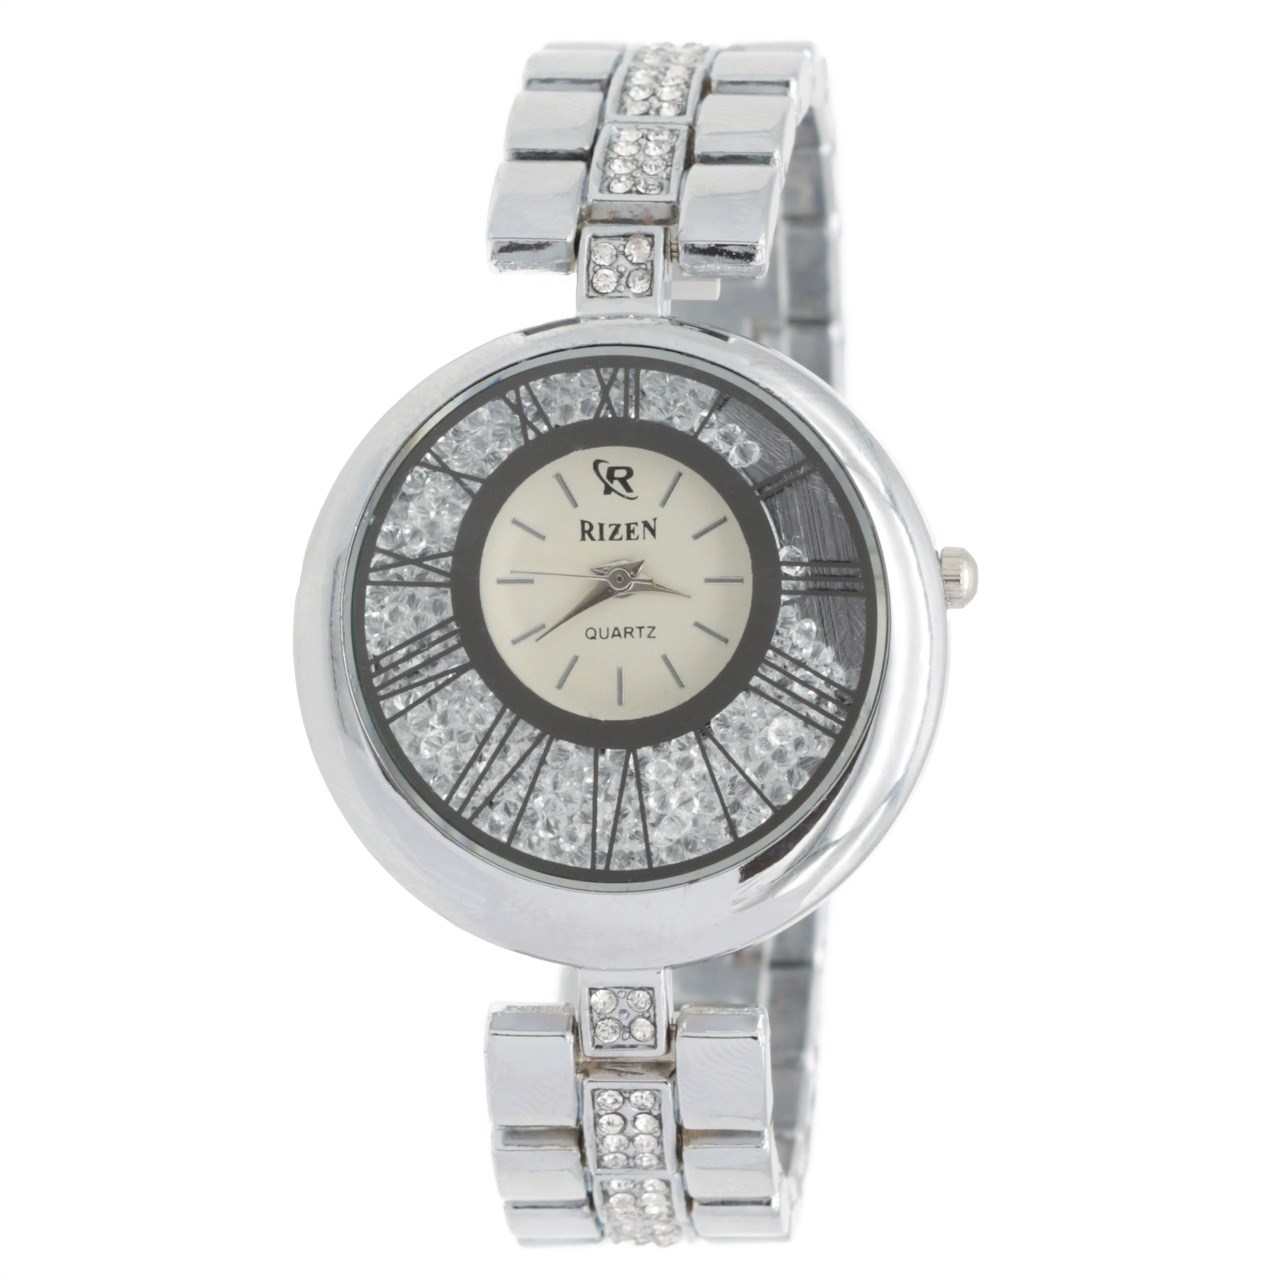 خرید ساعت مچی عقربه ای زنانه  ریزن مدل RZ1030